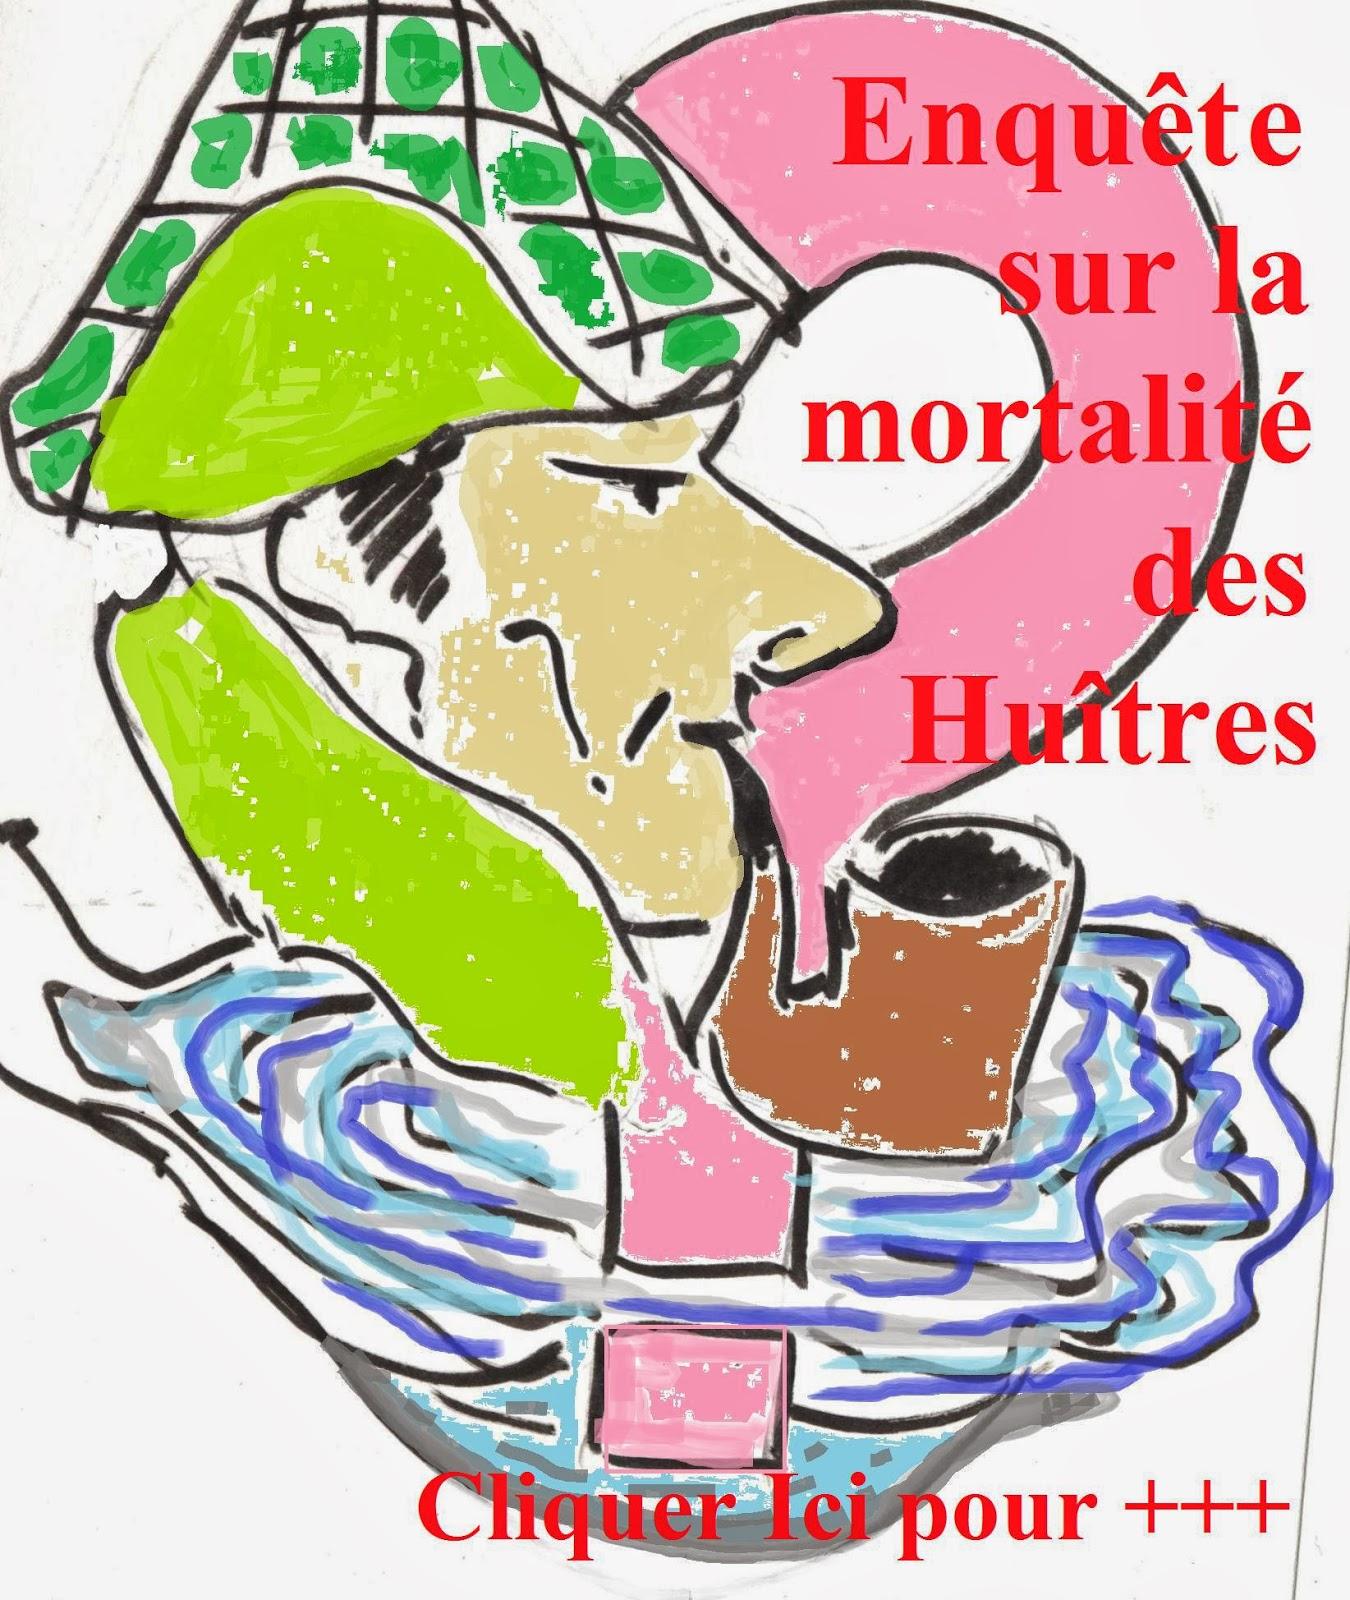 http://aquaculture-aquablog.blogspot.fr/2014/01/mortalite-huitre-enquete-le-bitoux.html#but1